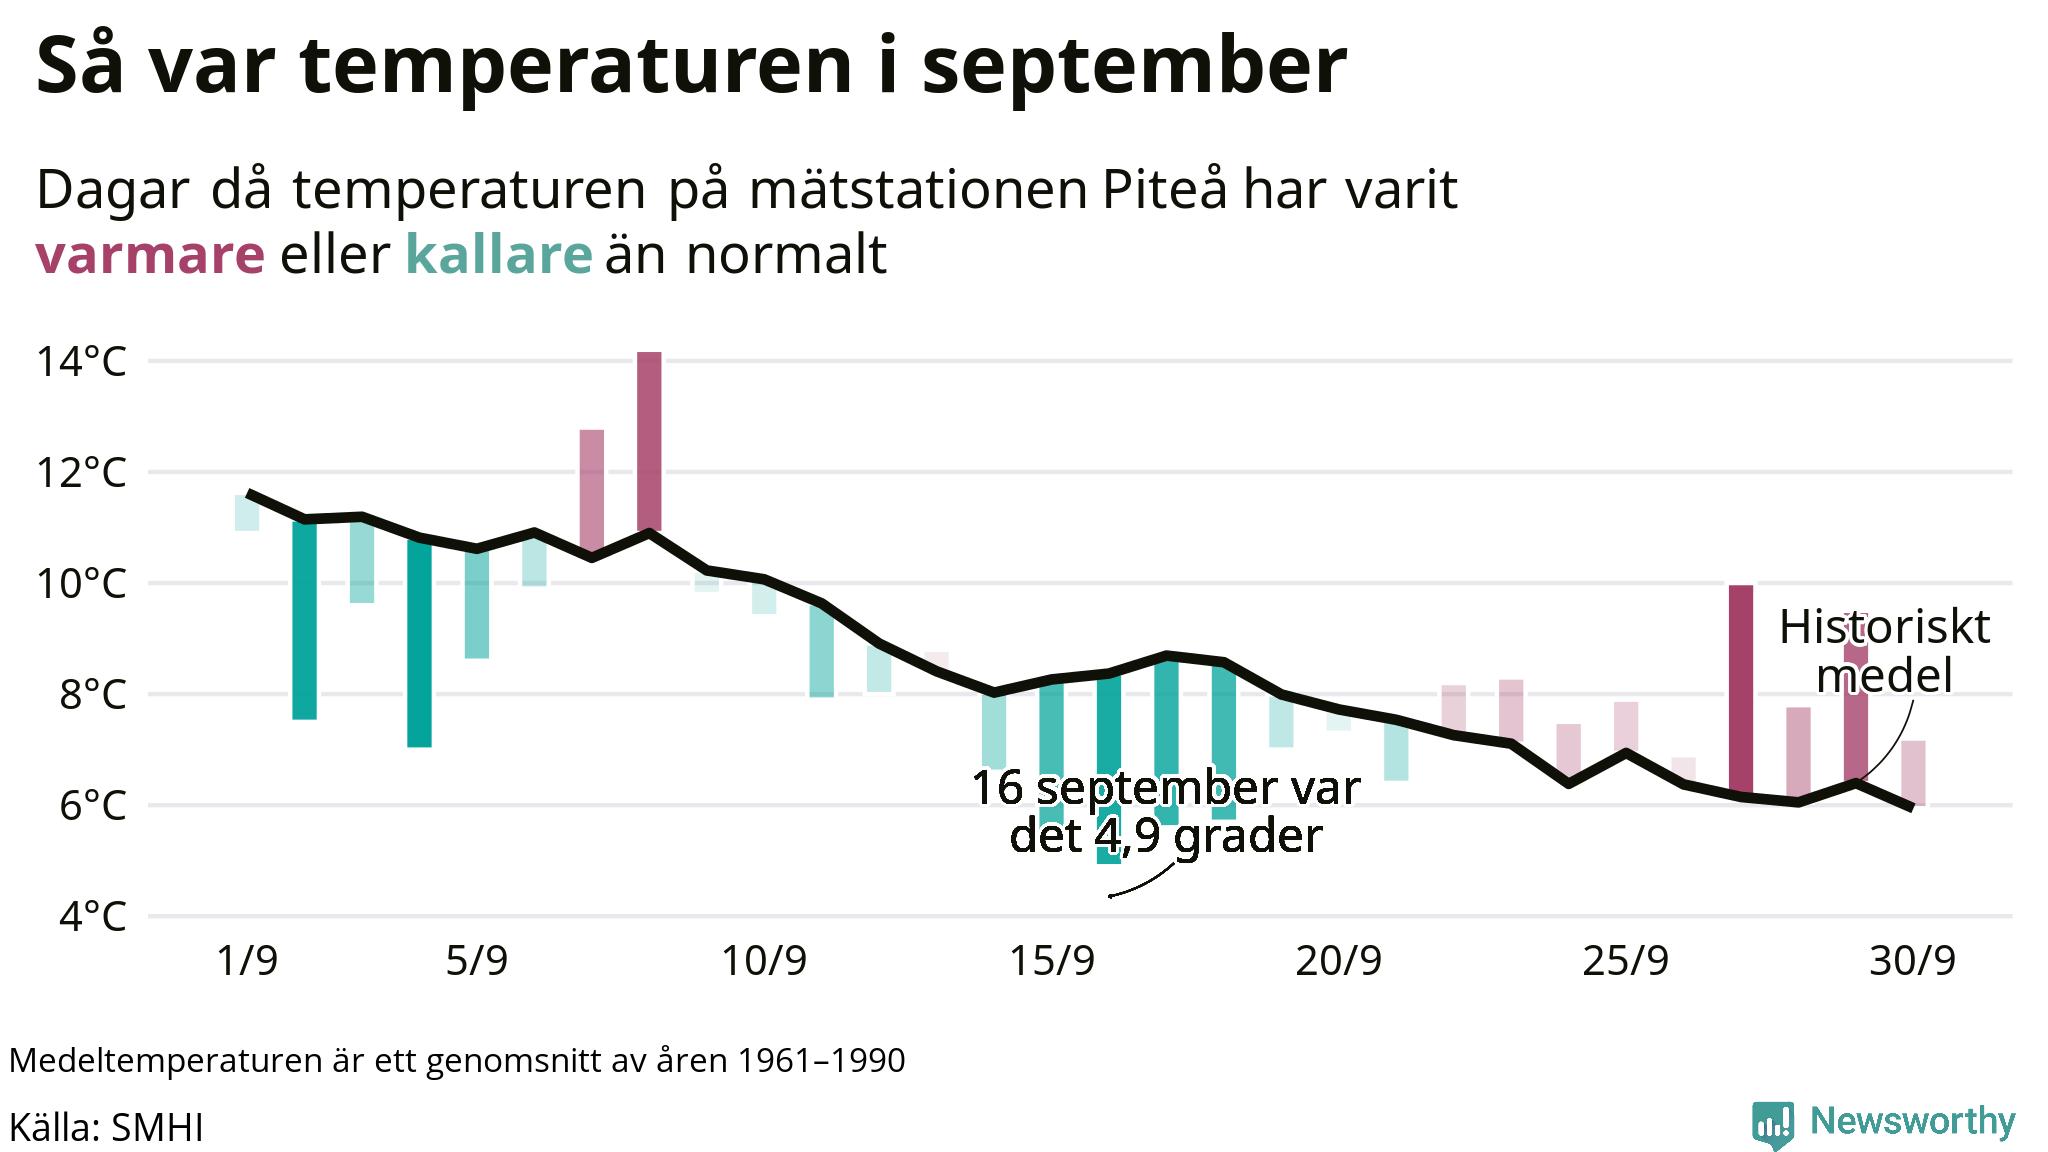 Graf: Temperaturen dag för dag i september vid Piteå mätstation